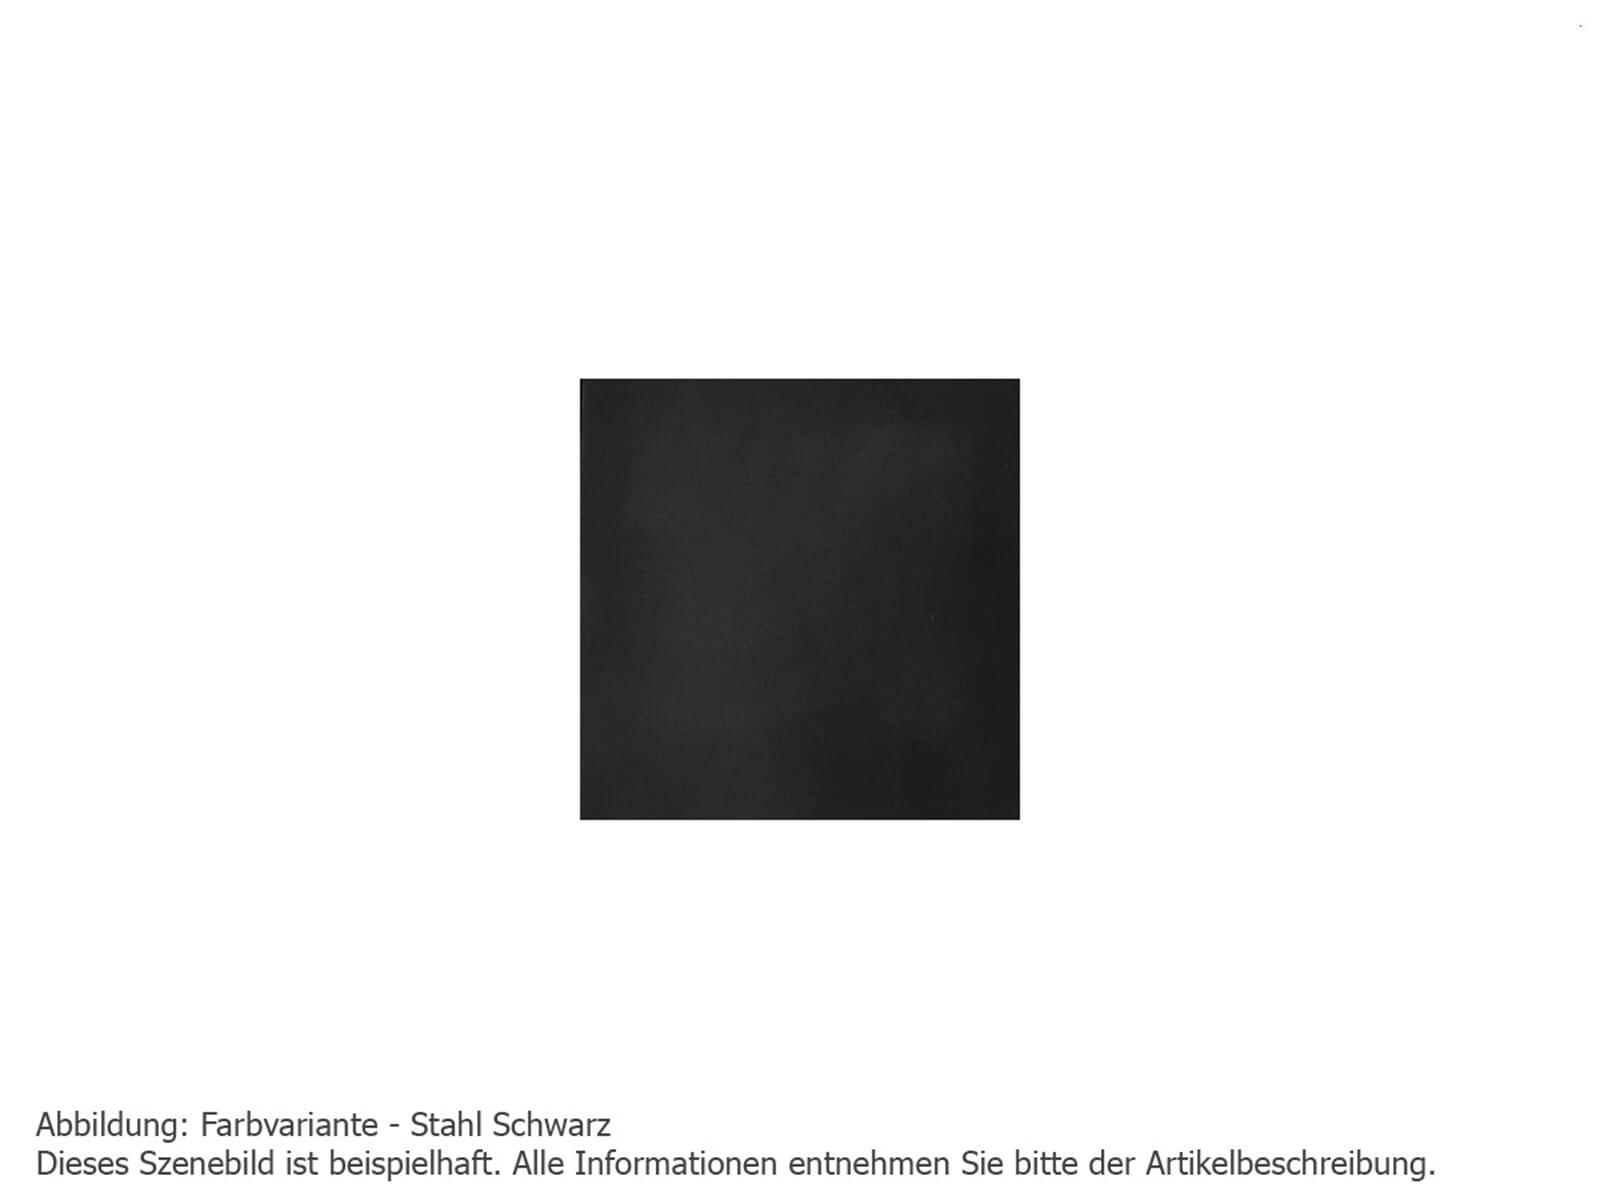 Justus Faro 4686 11 Kaminofen Stahl Schwarz mit Abdeckplatte Stahl Schwarz